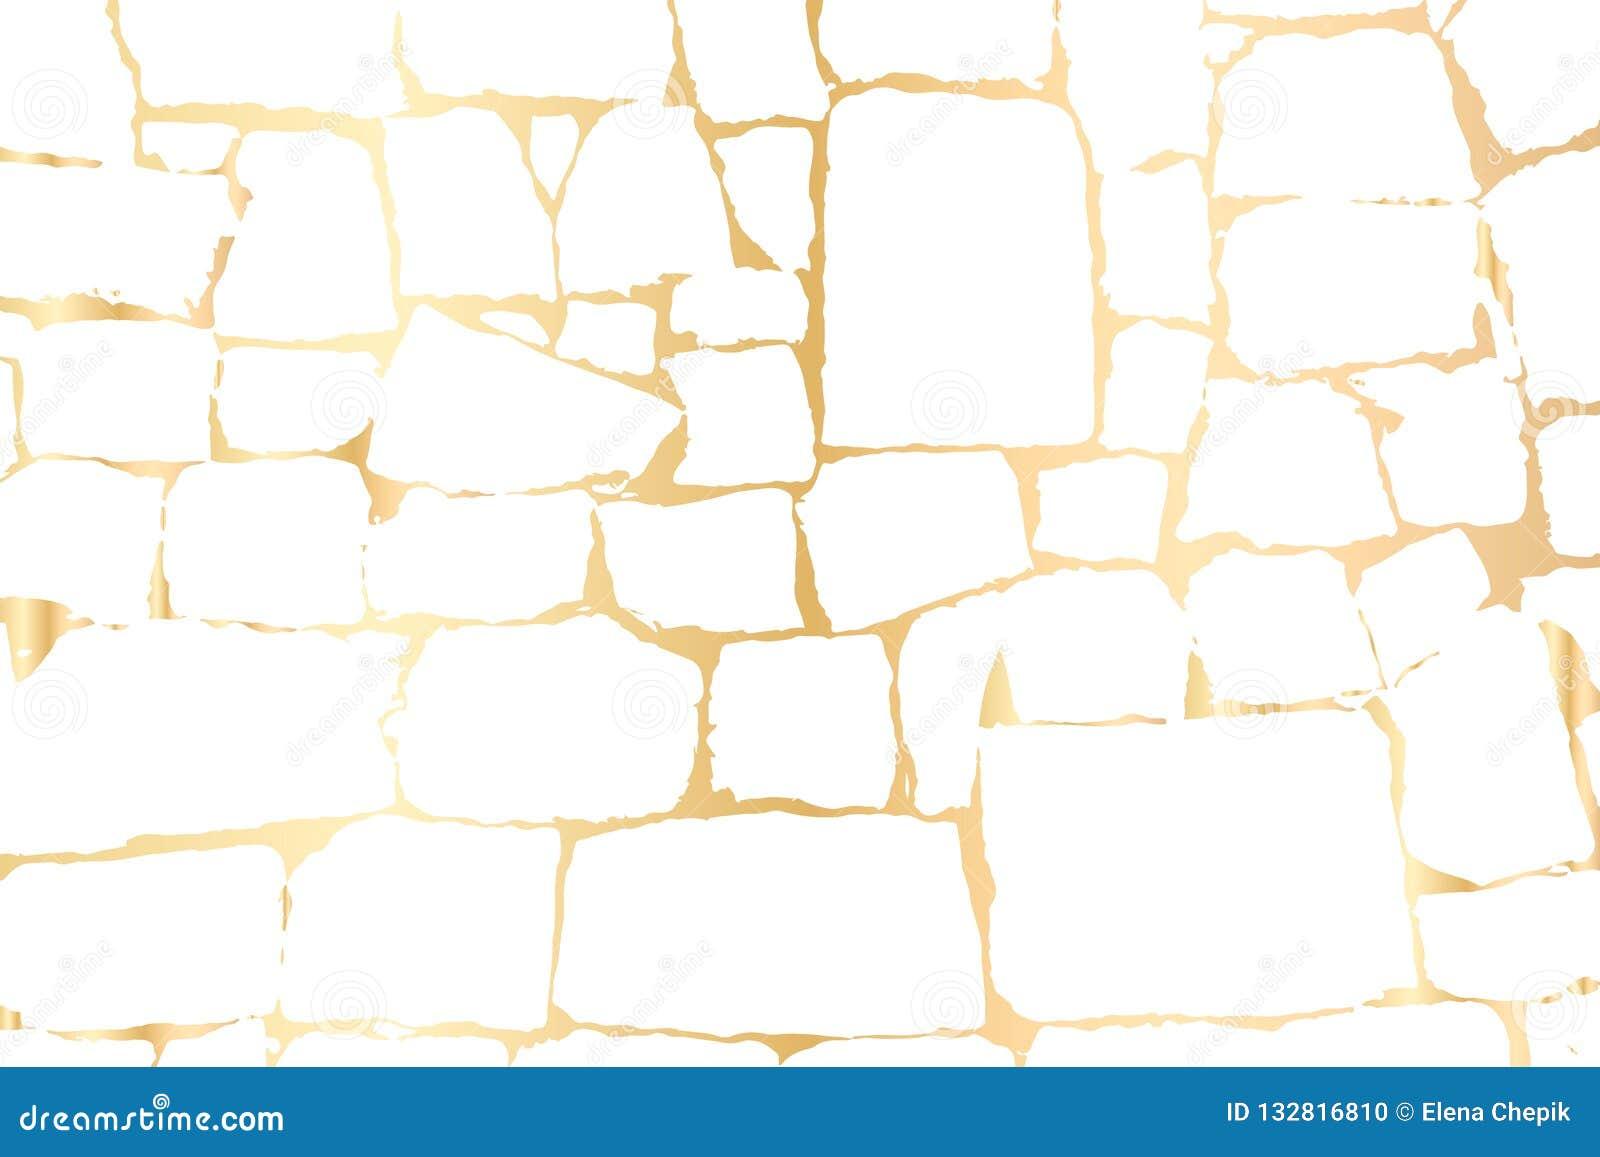 Διανυσματική χρυσή σύσταση grunge που απομονώνεται στο Μαύρο Χρυσό υπόβαθρο γρατσουνιών όρφνωσης